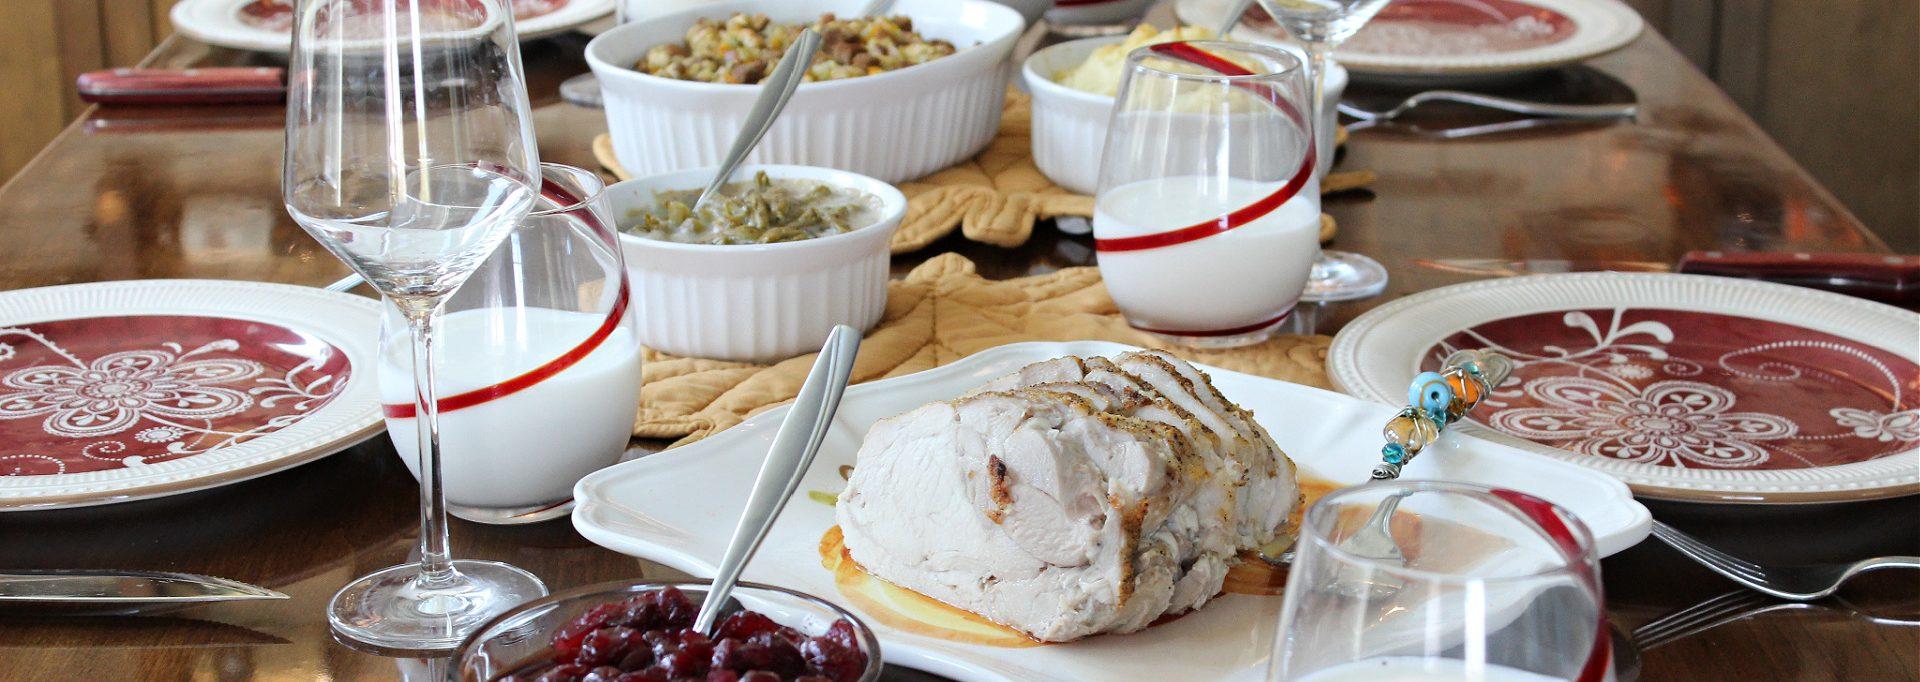 Thanksgiving Leftover Casserole Dinner Table